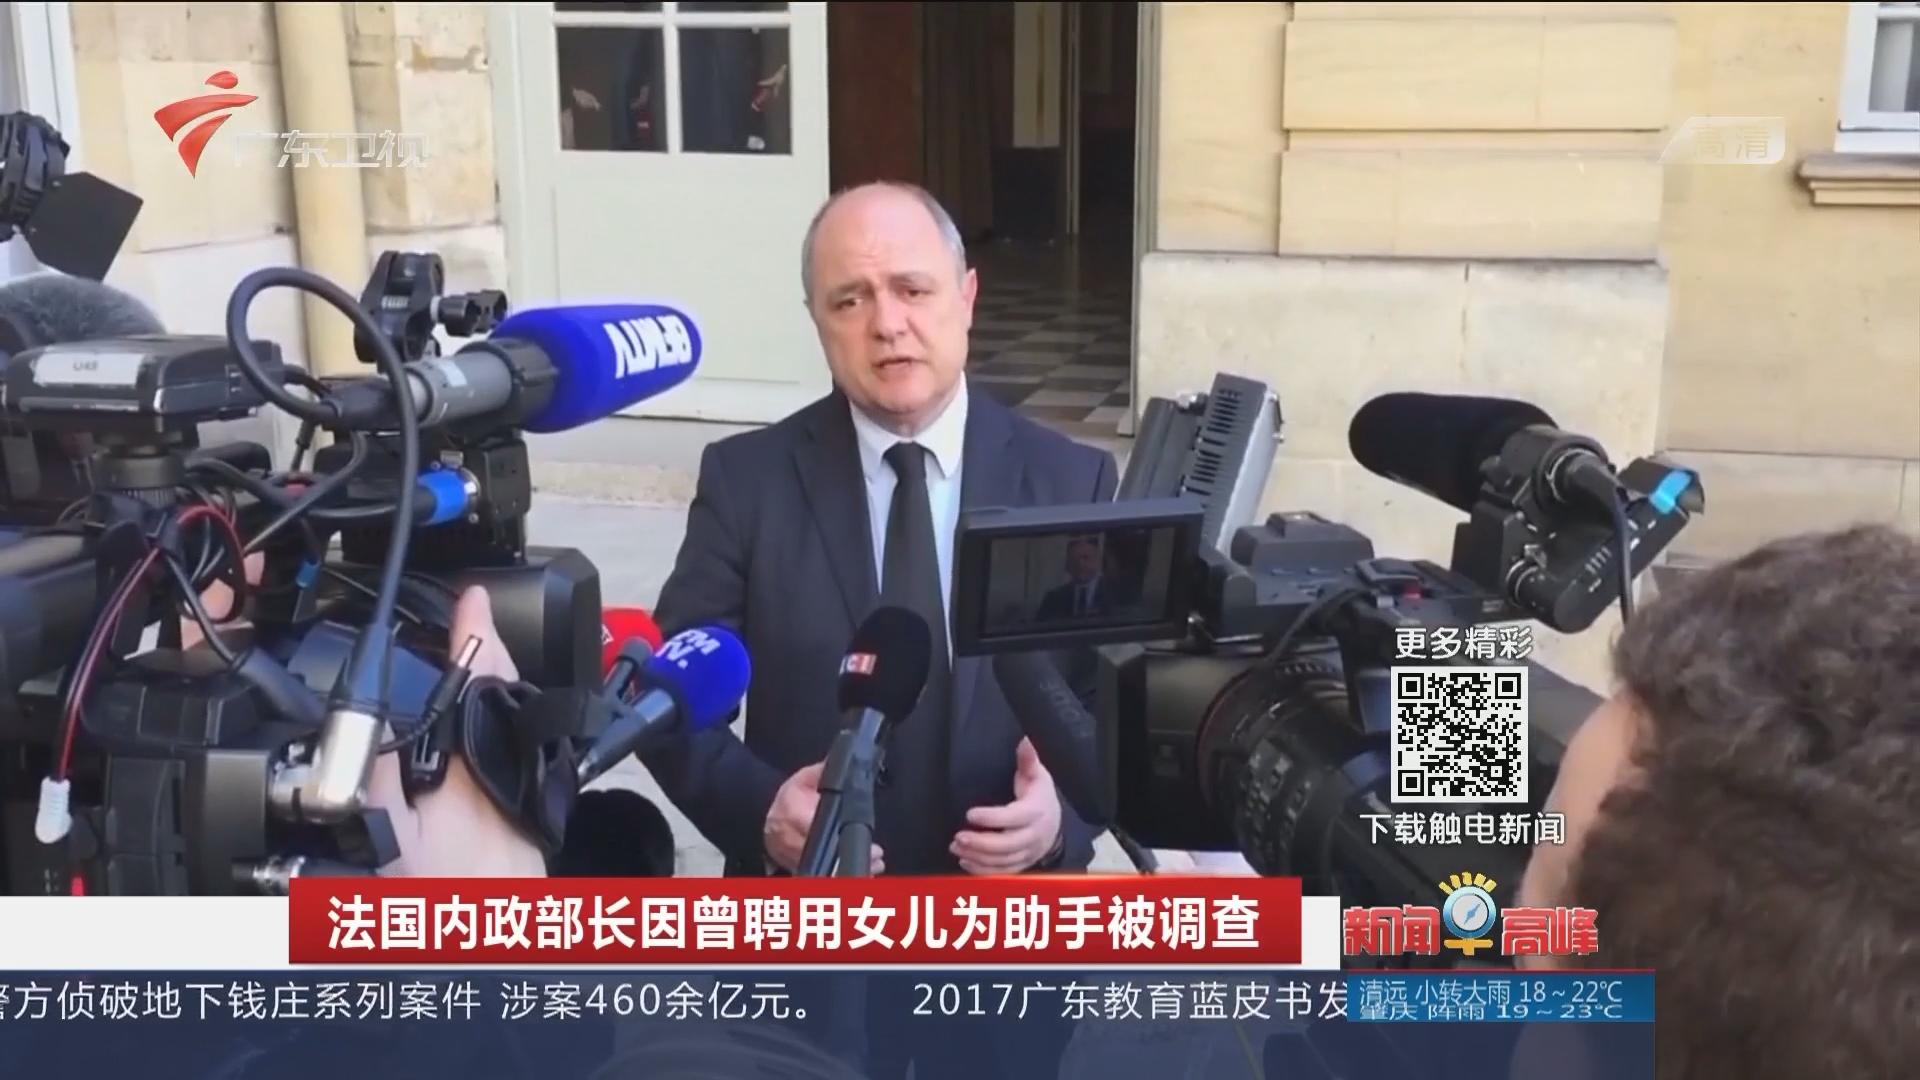 法国内政部长因曾聘用女儿为助手被调查